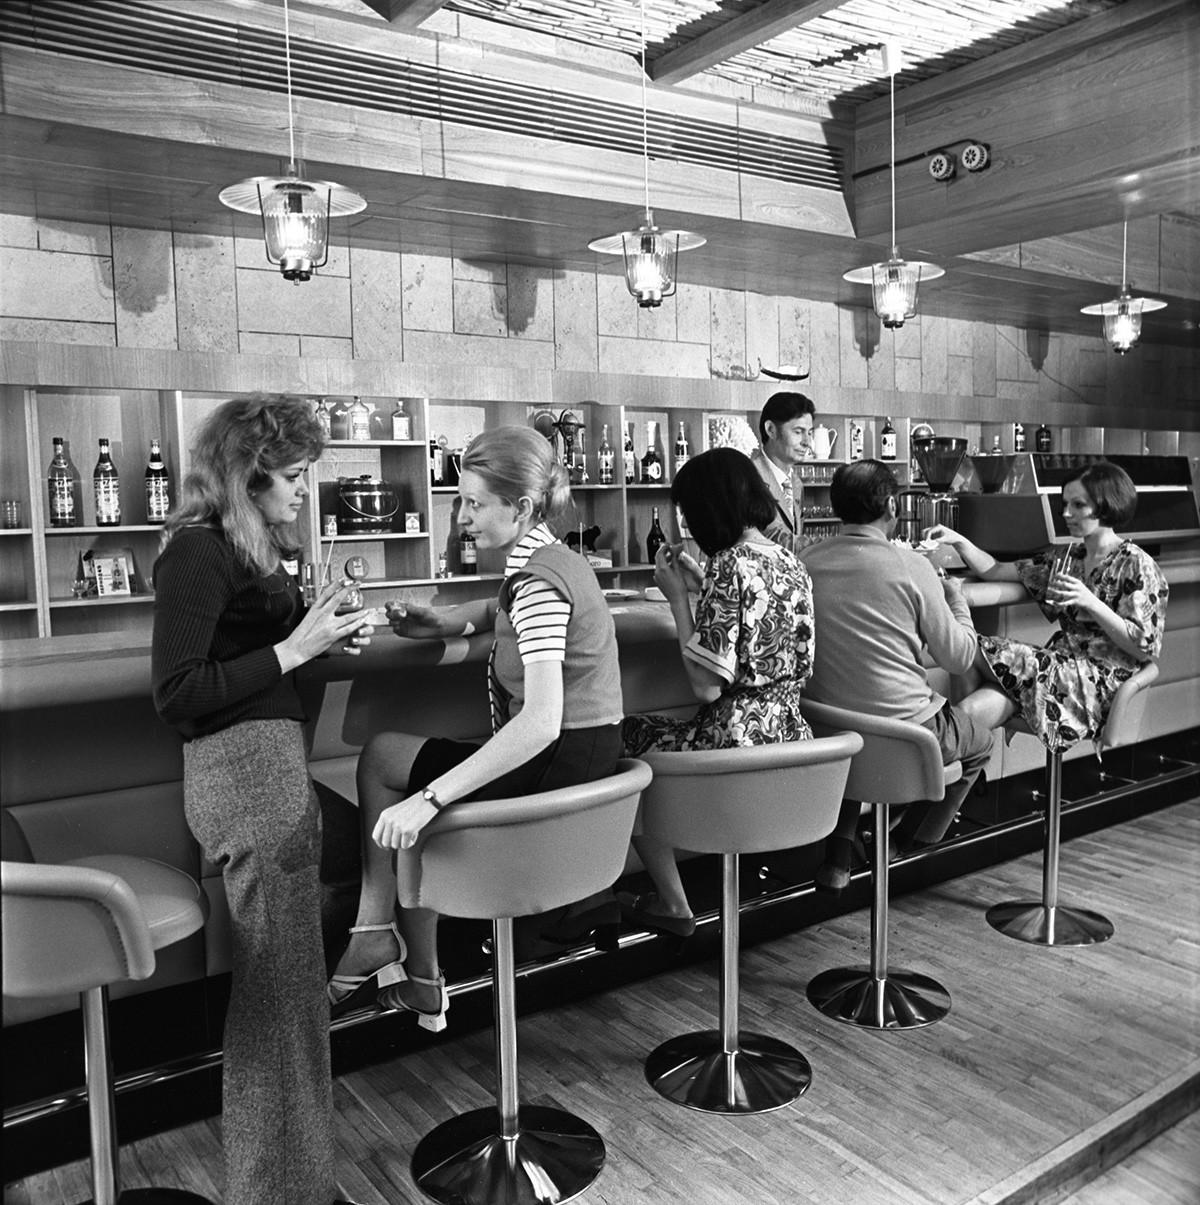 ホテル「インツーリスト」のバー、ロストフ・ナ・ドヌ、1973年